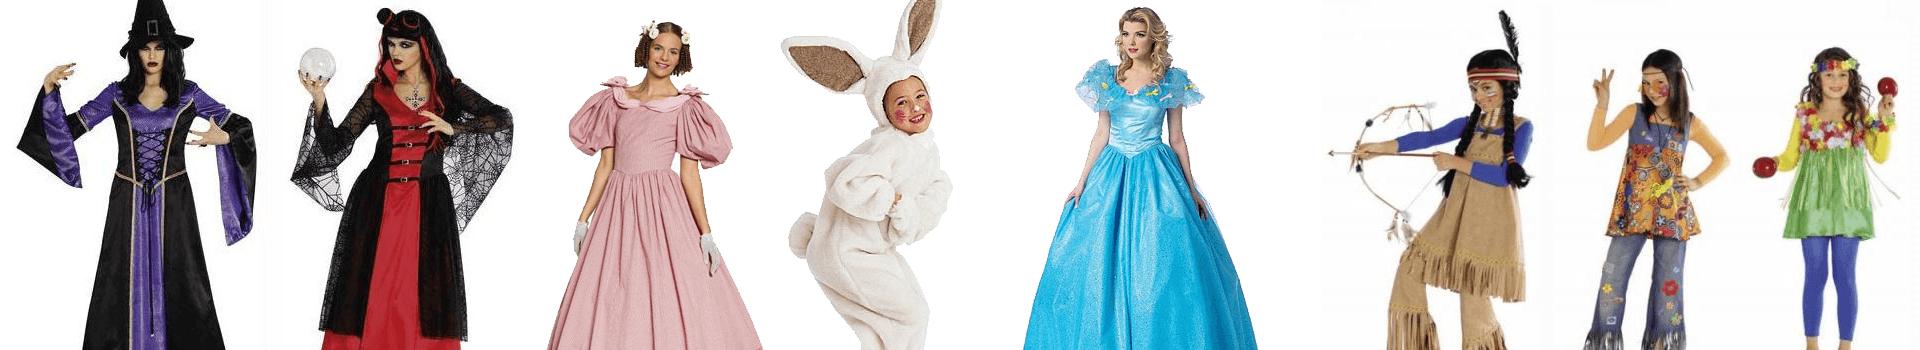 Kostuums & Carnaval